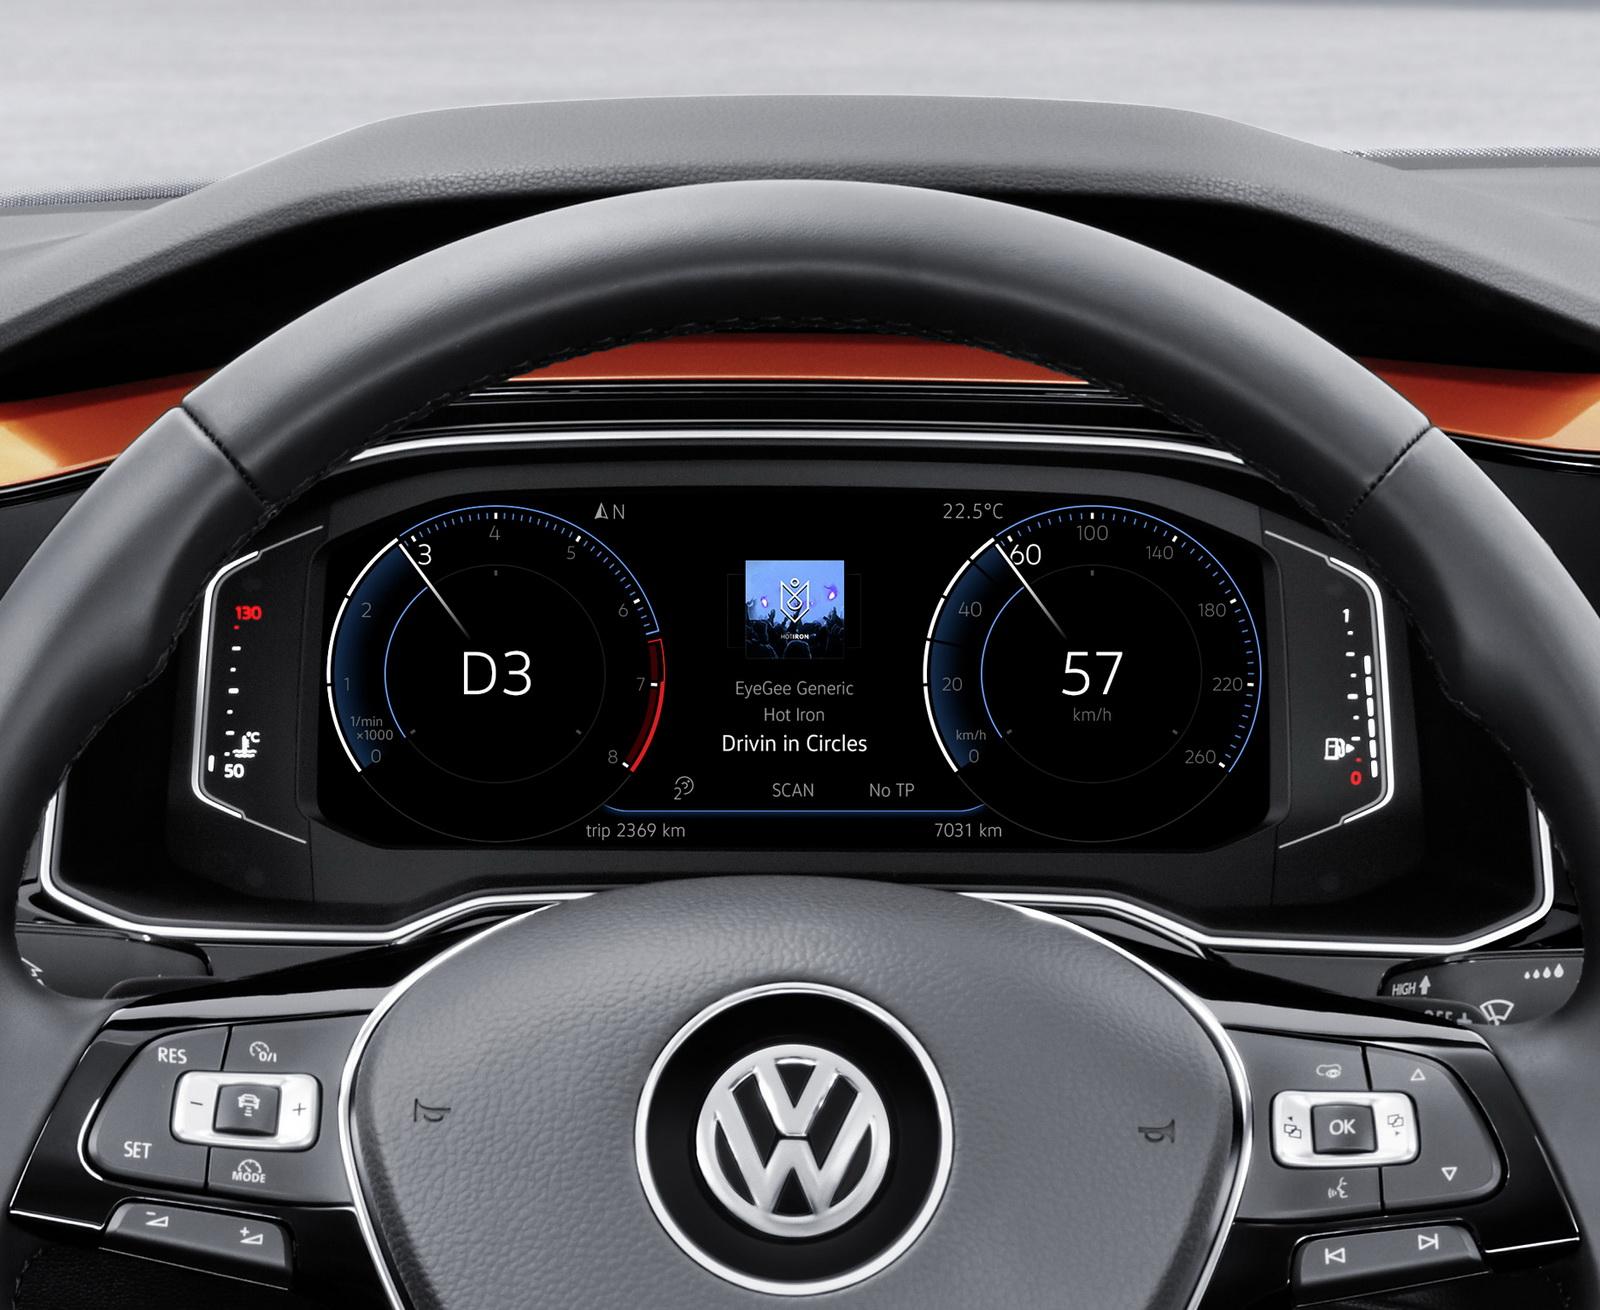 Volkswagen Polo 2018: характеристики, фото, видео